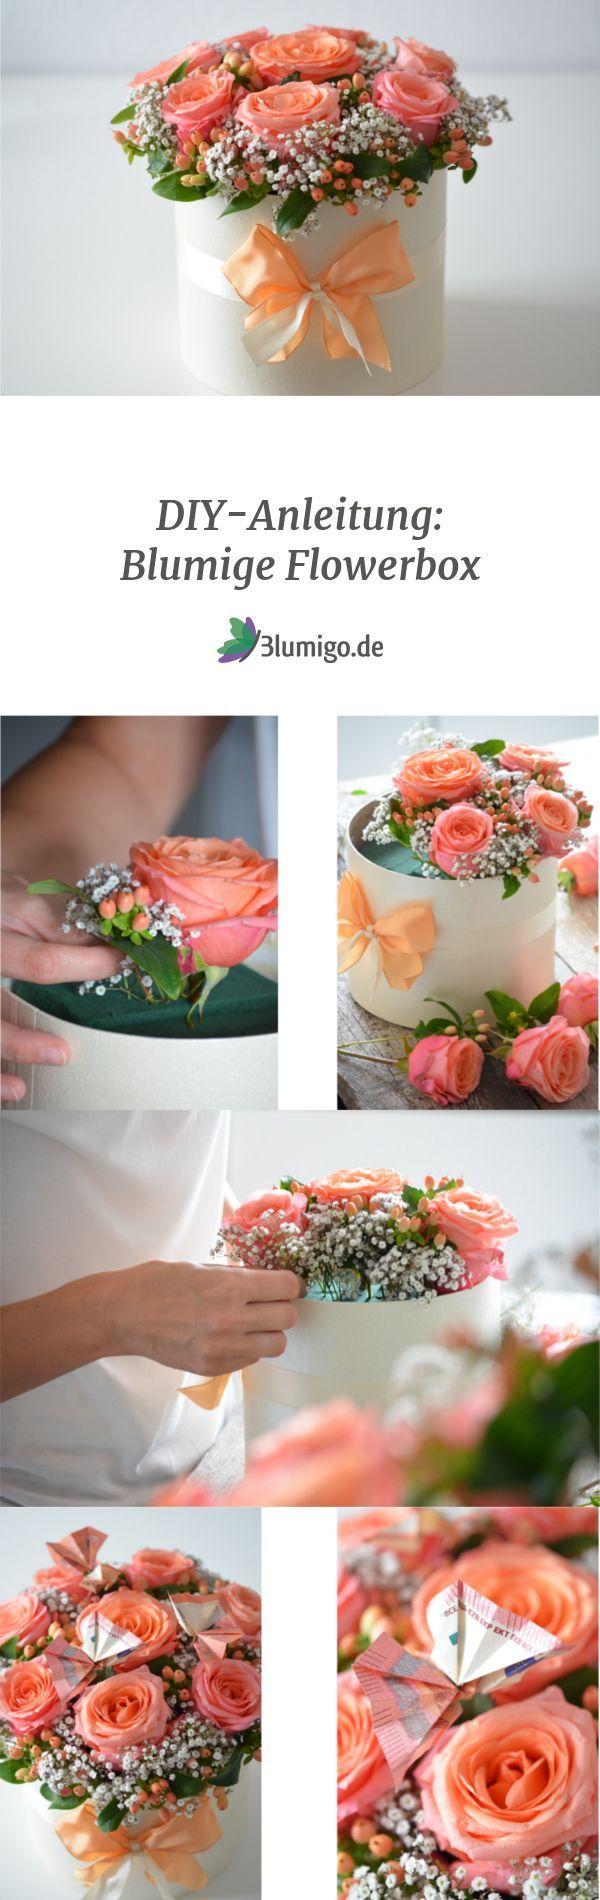 Geldgeschenke originell verpacken – eine blumige Flowerbox-DIY-Idee #frühlingblumen